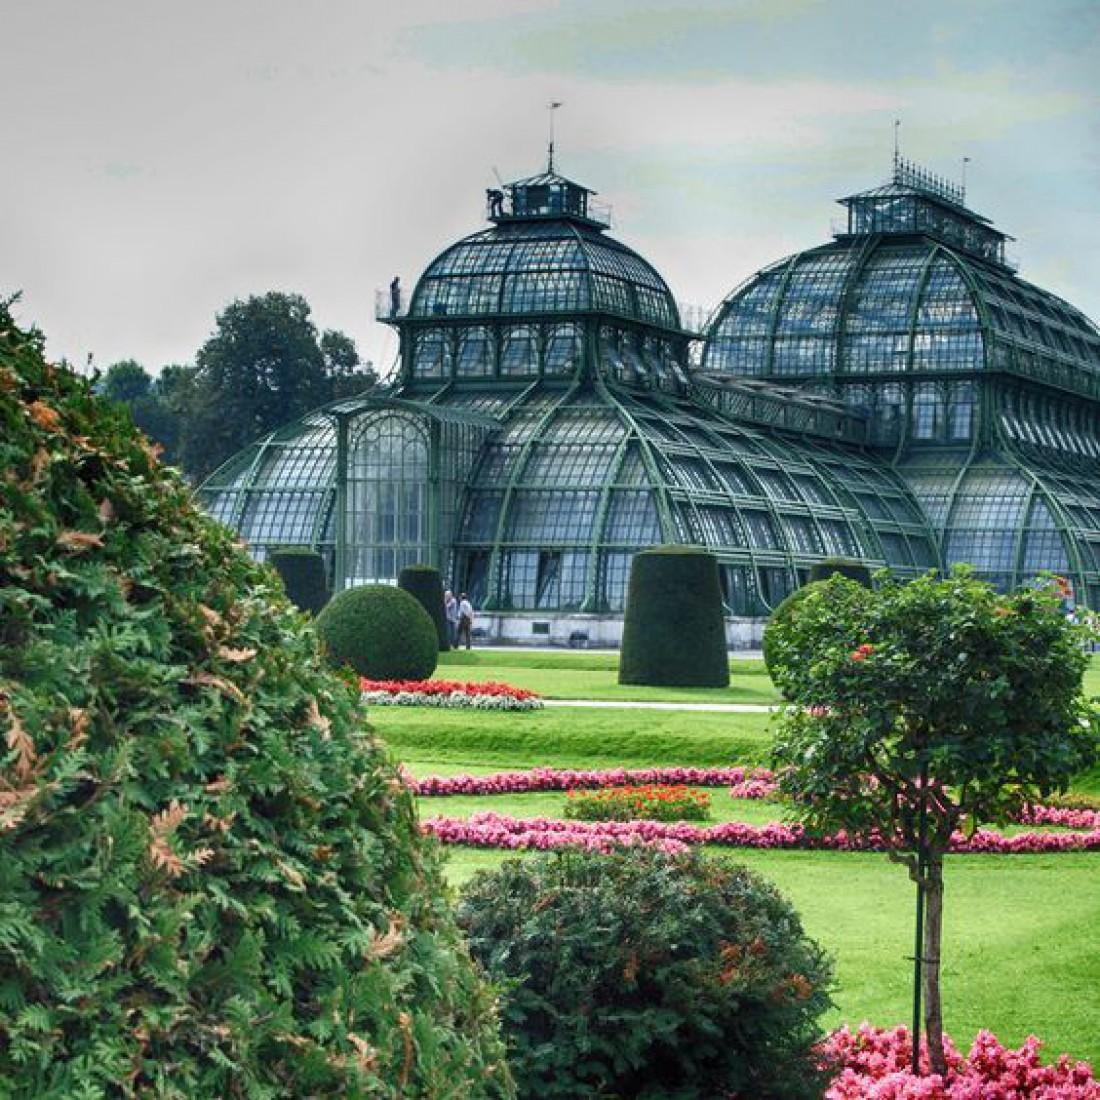 Внутреннее убранство дворца Шенбрунн, а также его сады просто восхитительны в любое время года